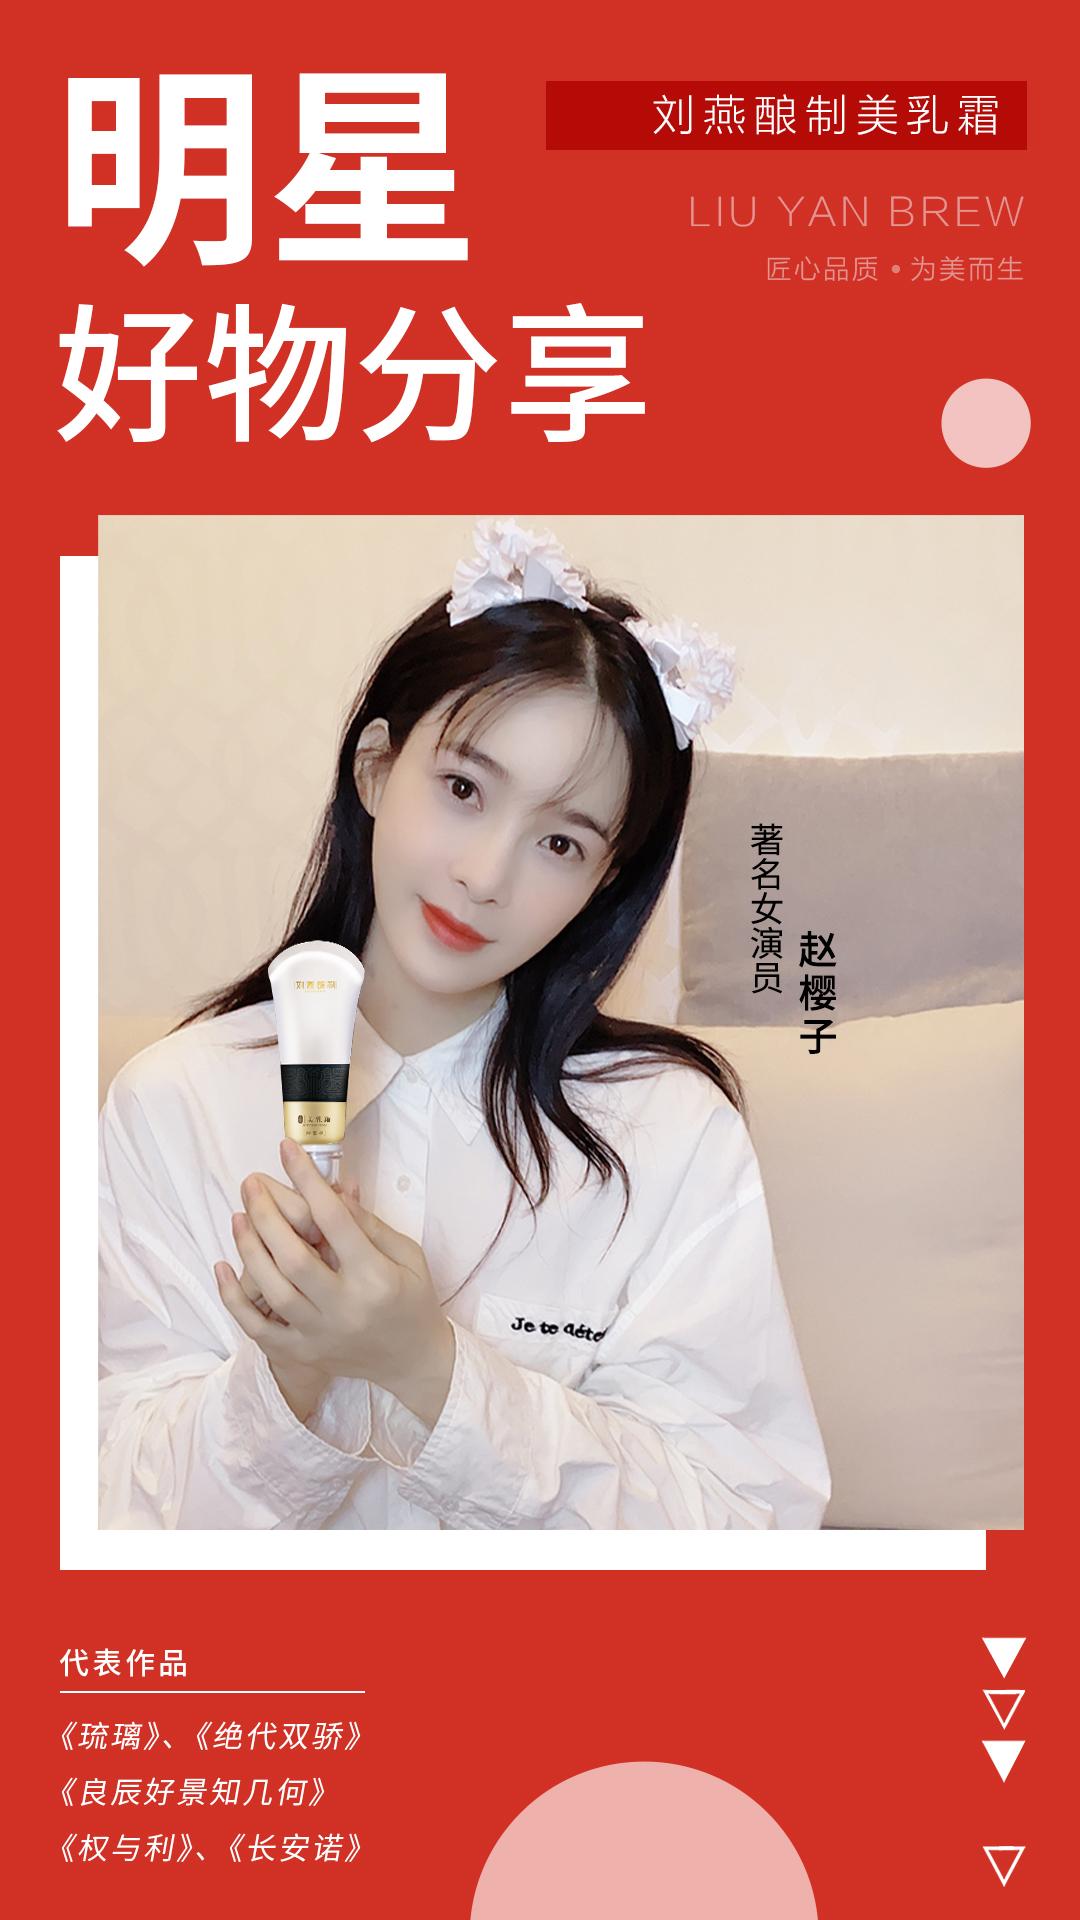 有人用刘燕酿制美乳霜丰胸成功吗?如何打造自己的胸器